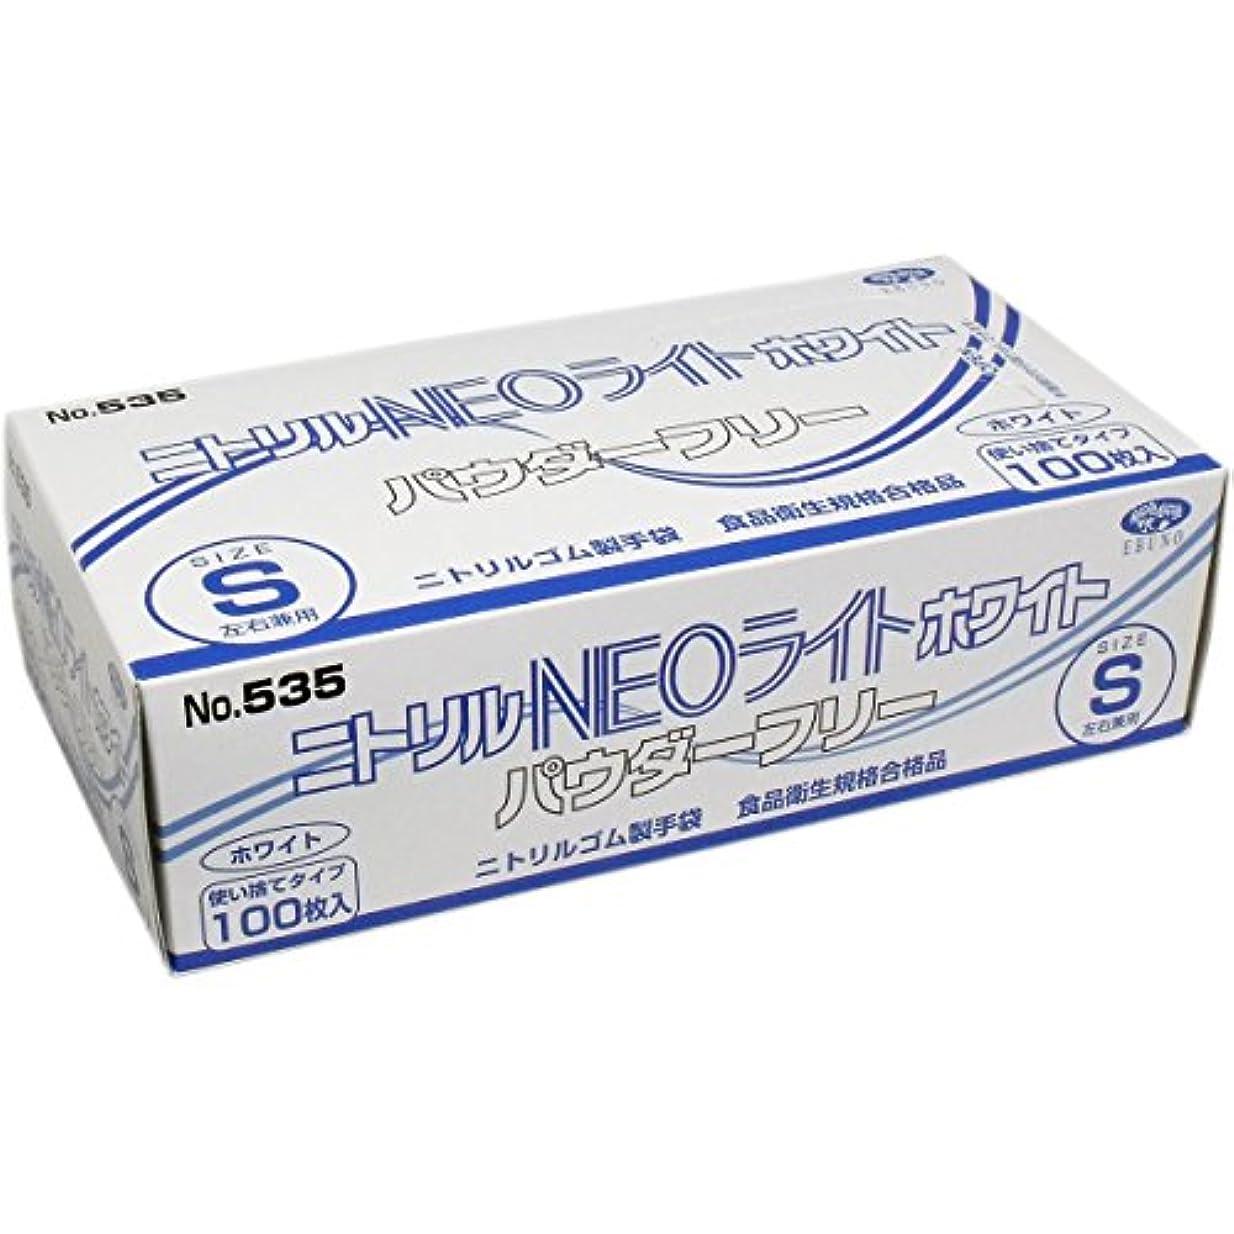 髄直立一元化するニトリル手袋 パウダーフリー ホワイト Sサイズ×3個